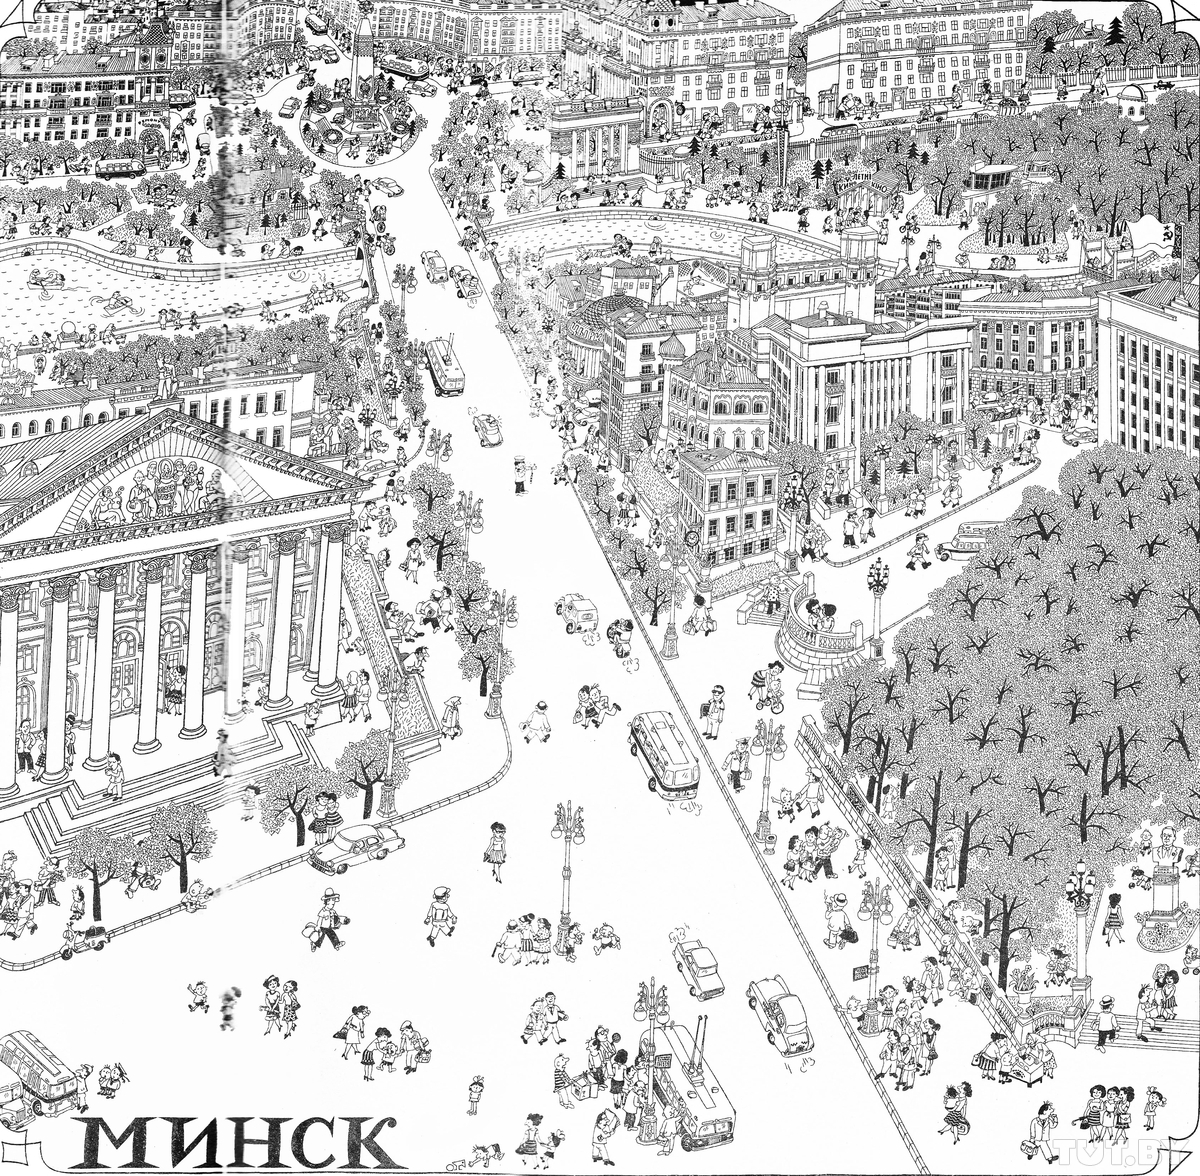 Рисунок центра Минска из журнала «Крокодил» (№15'1967). На журнальной странице можно разглядеть, что кафе на площади Победы называется «Берозка»